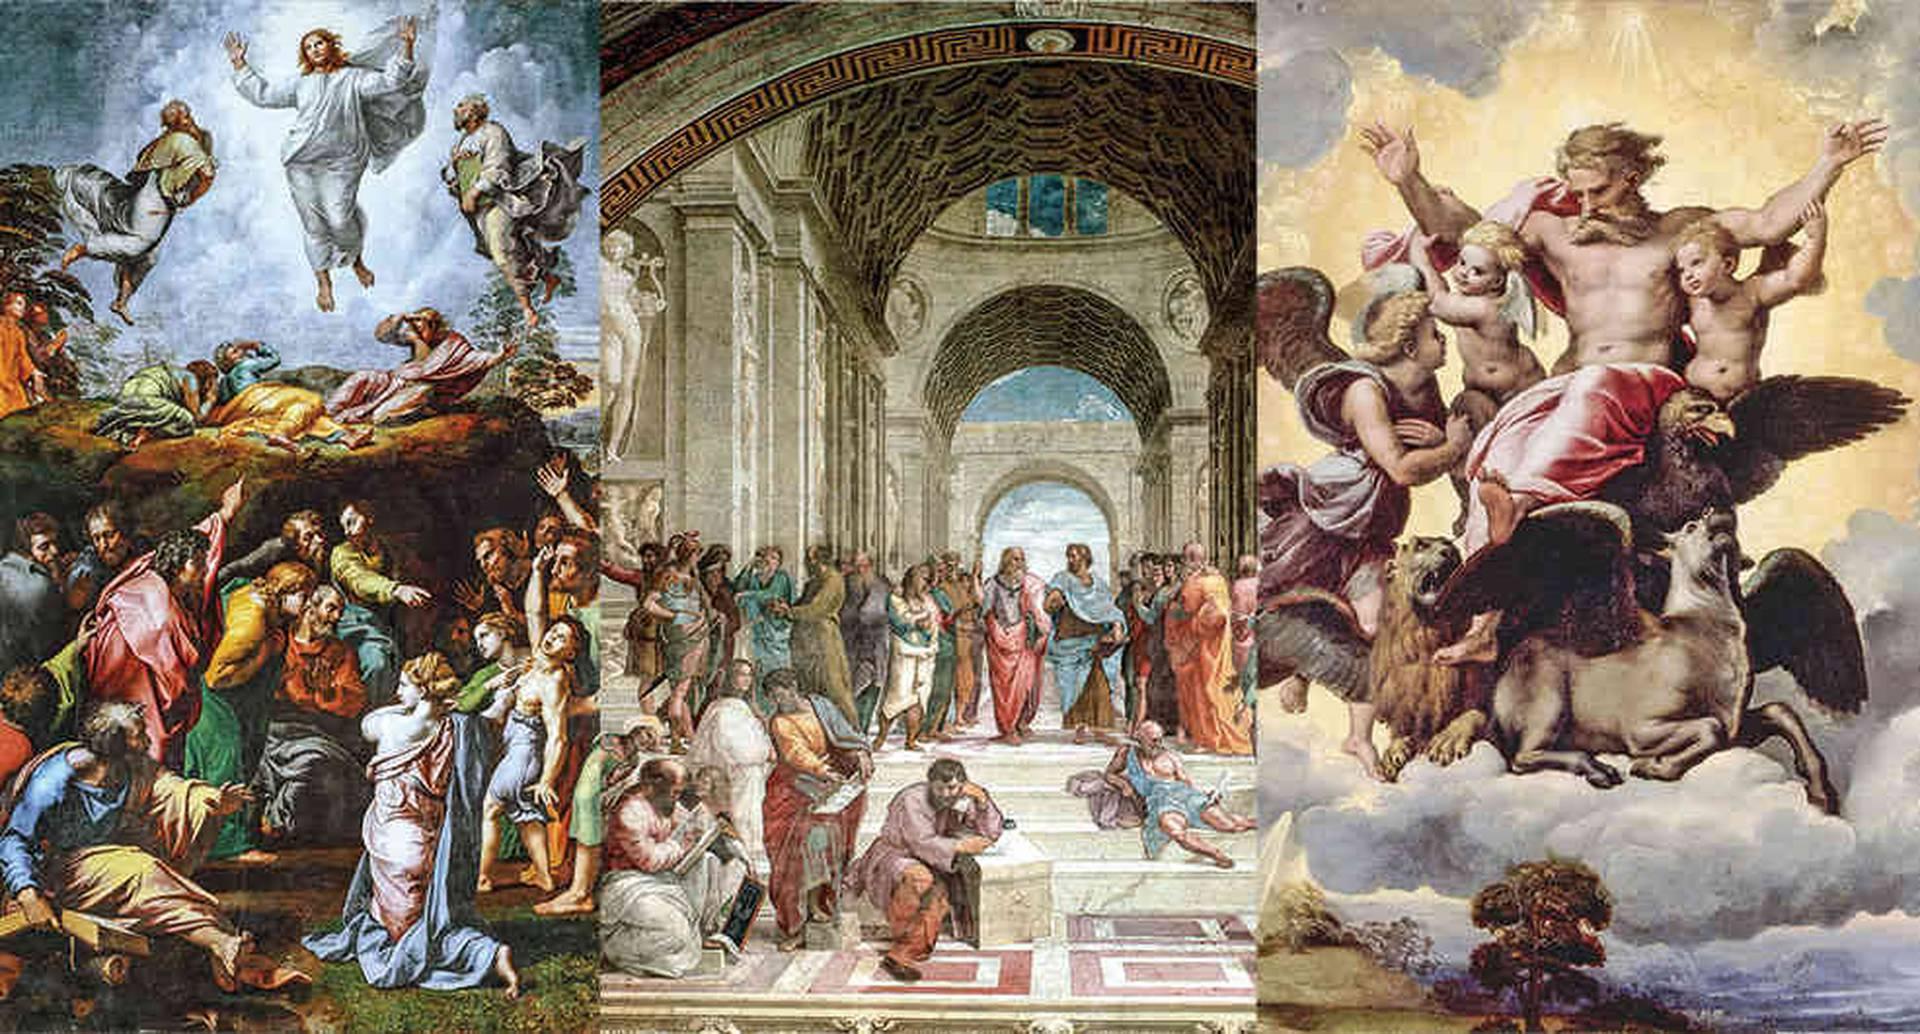 La transfiguración, La escuela de Atenas y La visión de Ezequiel son muestras inconfundibles del trabajo de un maestro que vivió poco y dejó mucho.